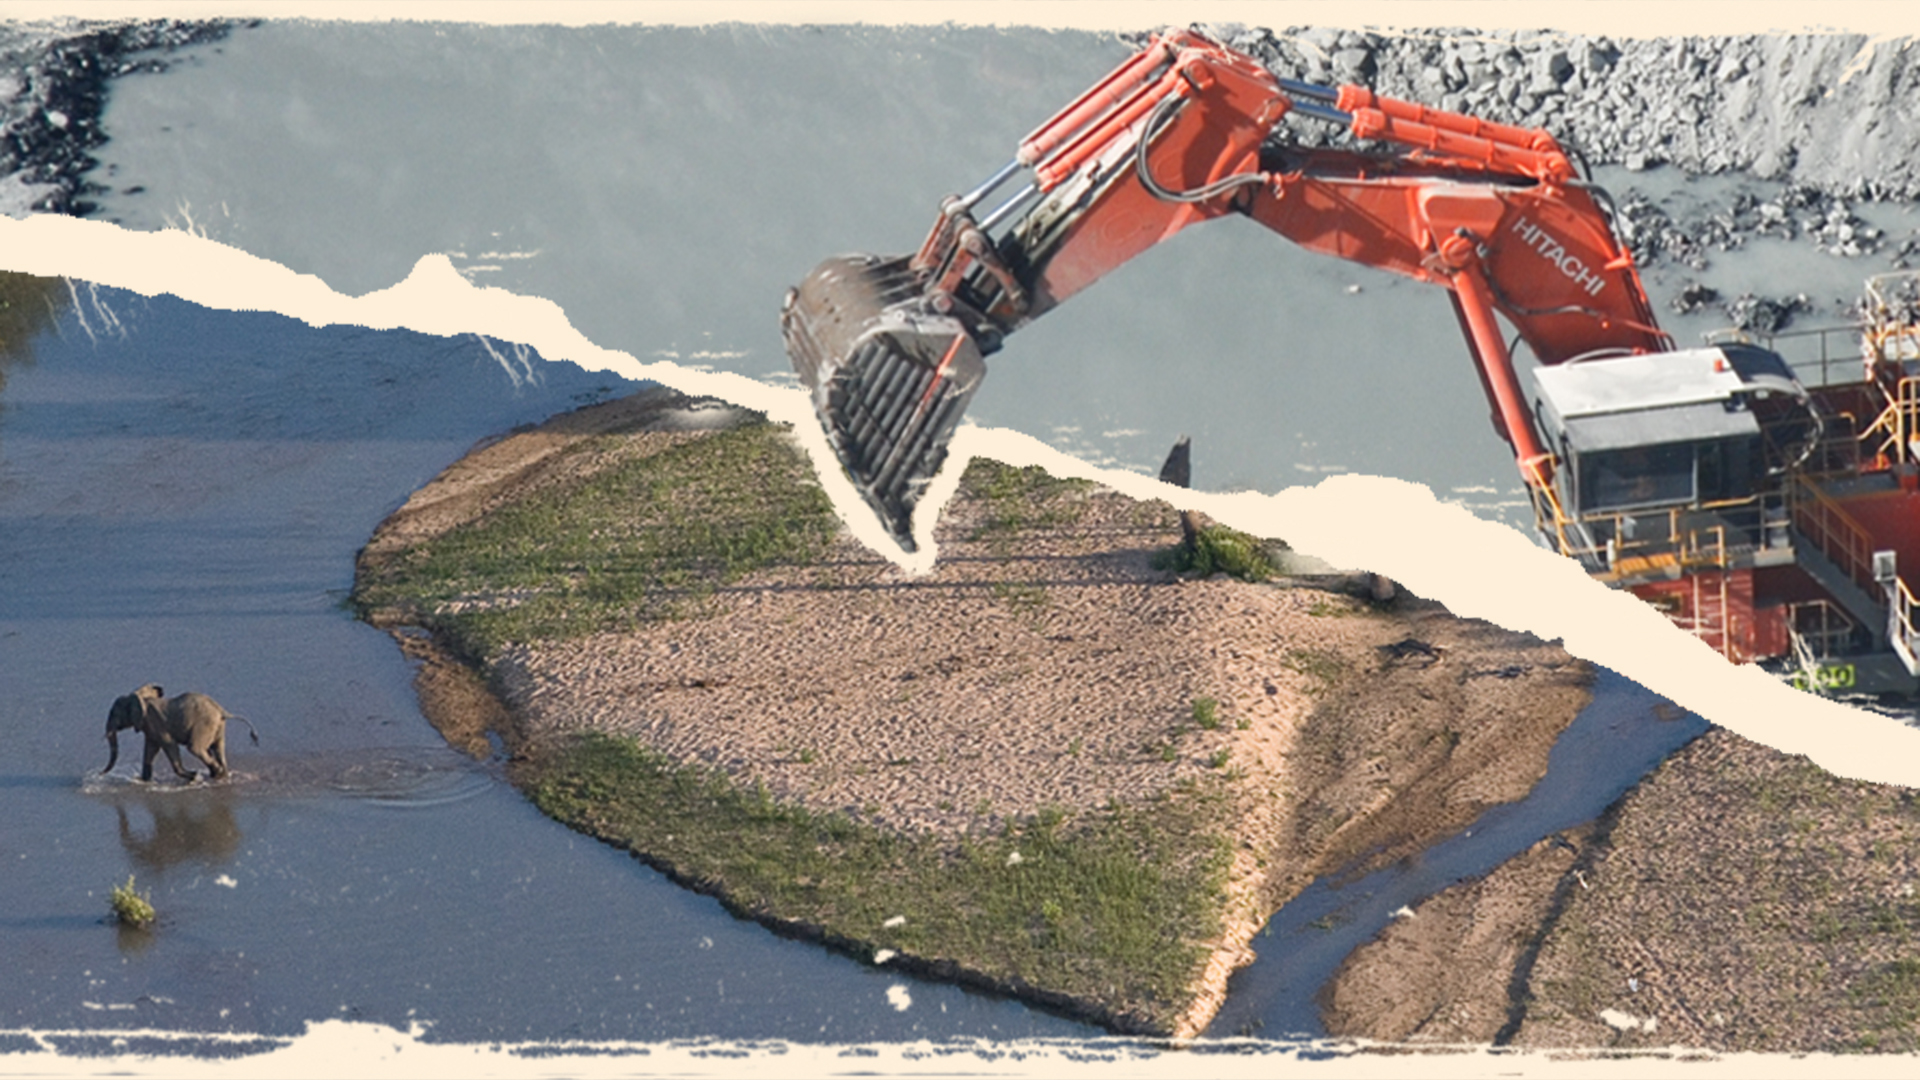 Der Bau eines Staudamms ist ein massiver Eingriff in die Landschaft. © WWF